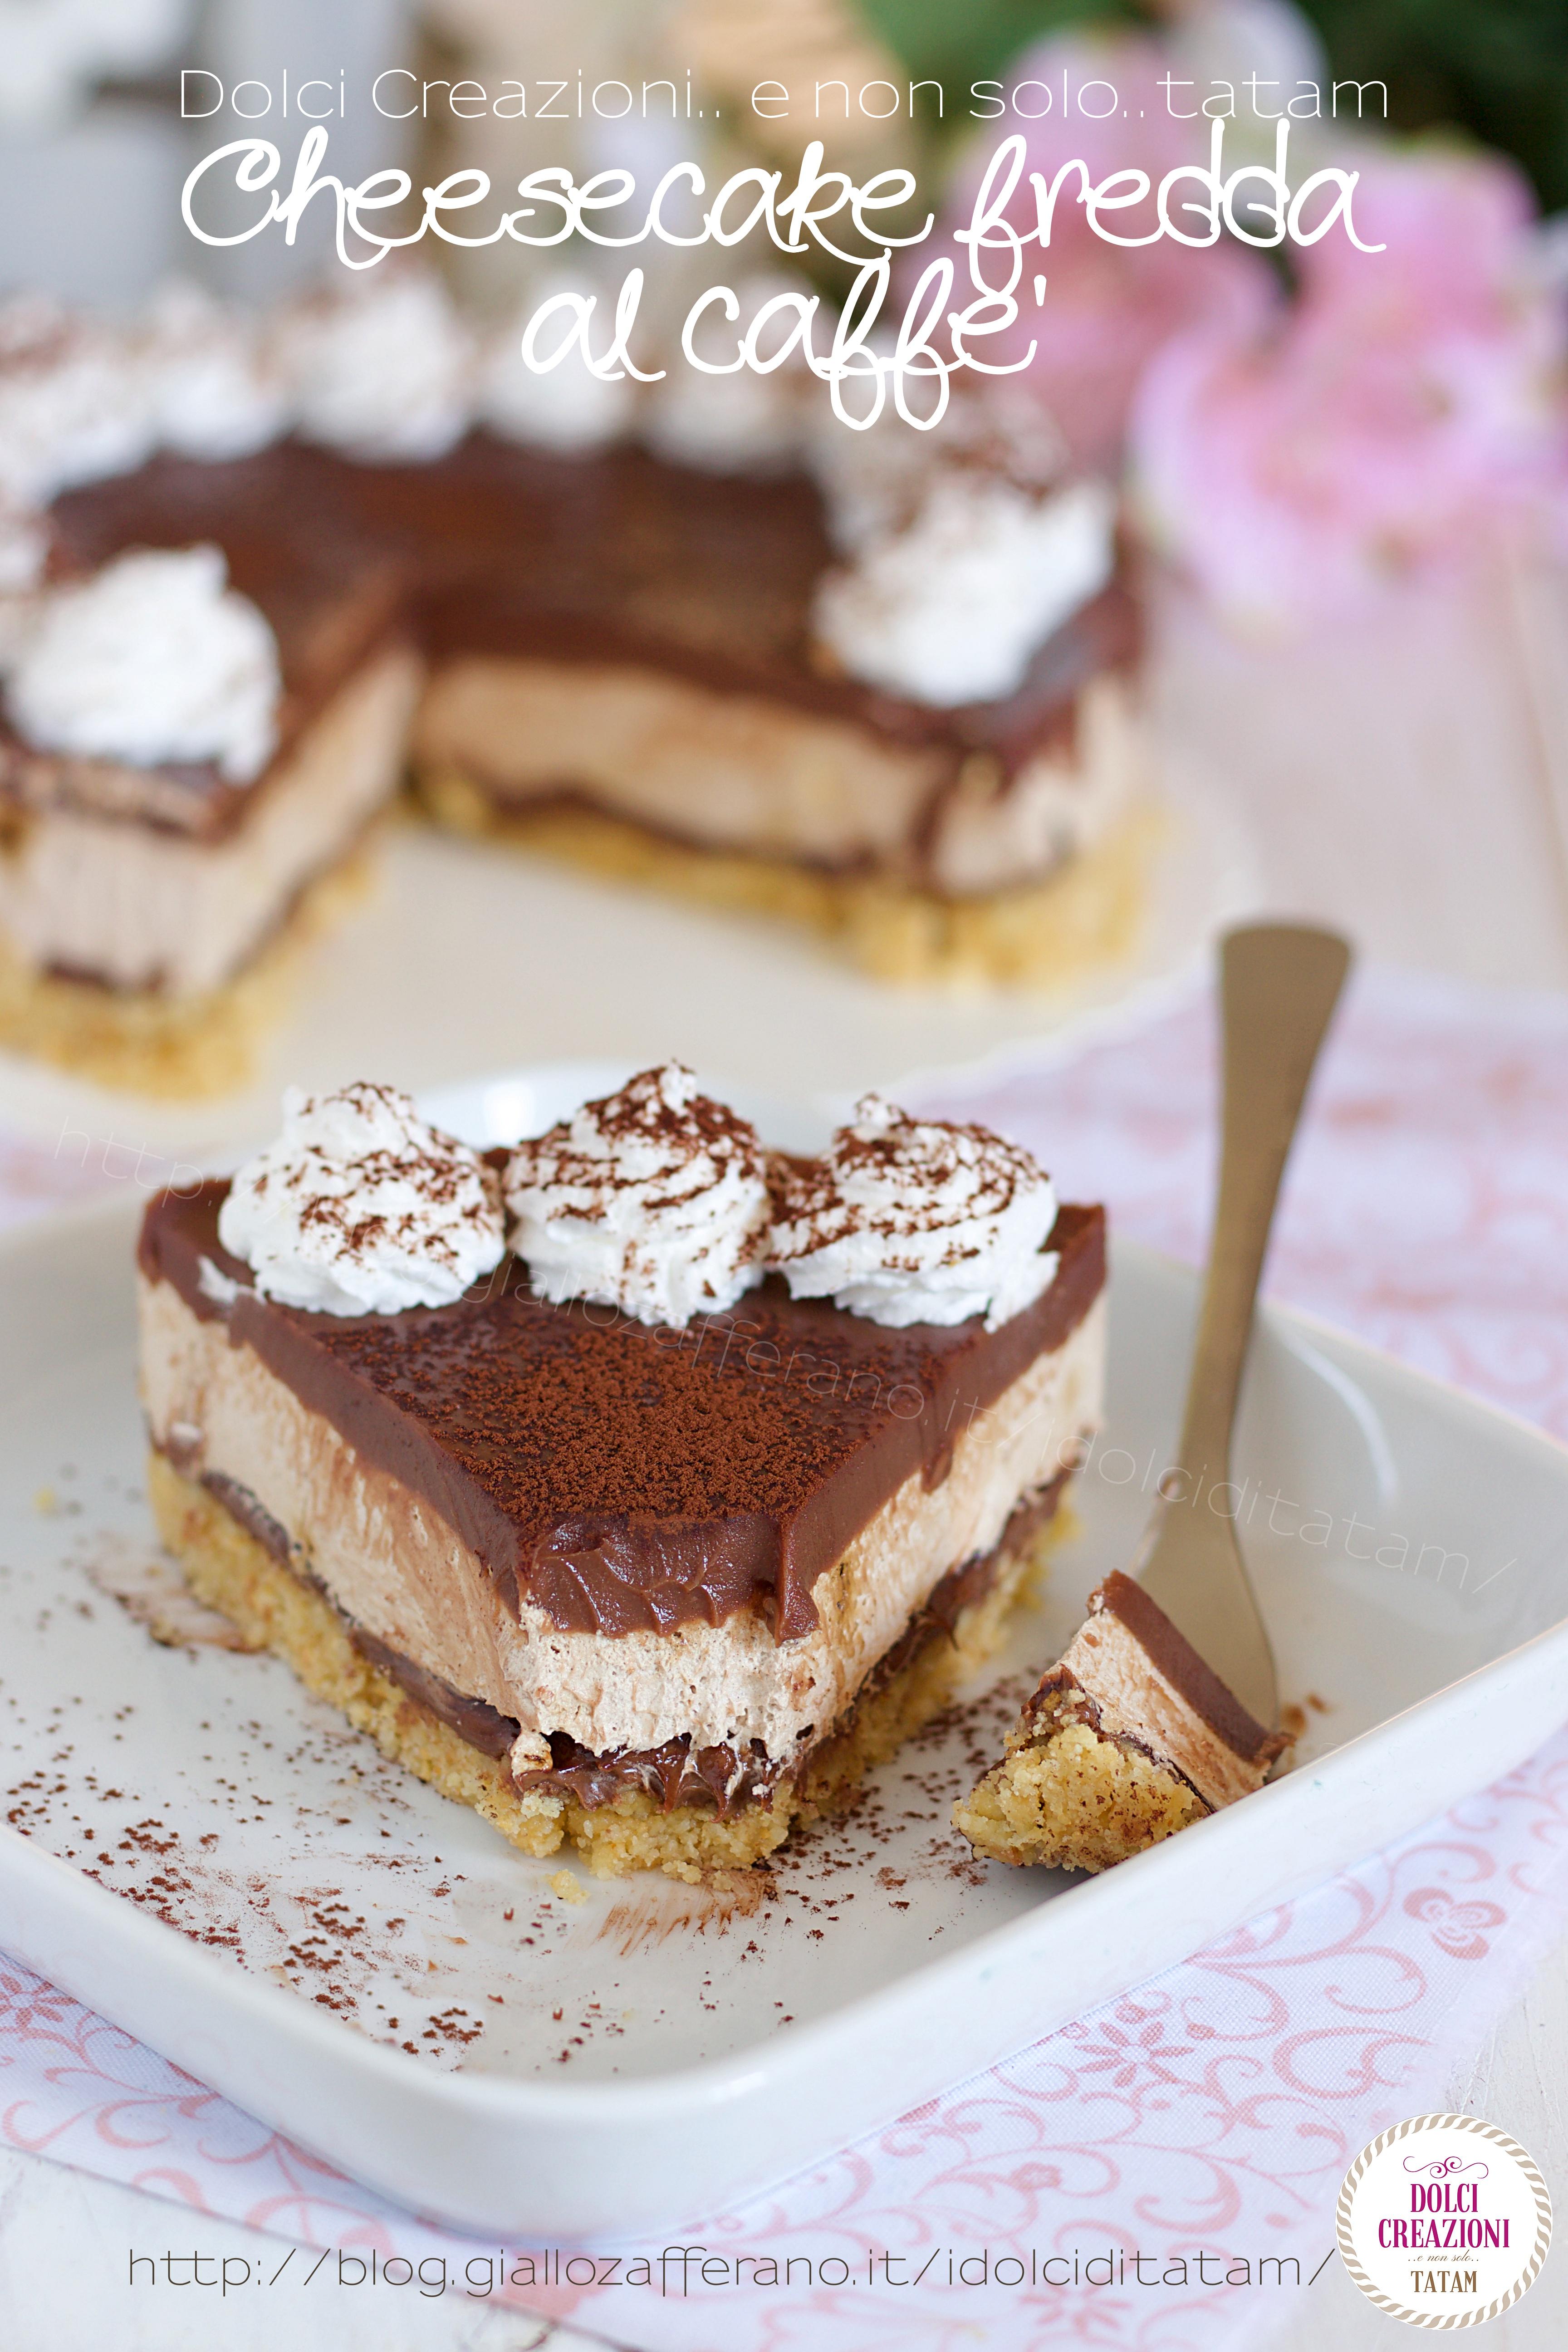 Cheesecake fredda al caffe'